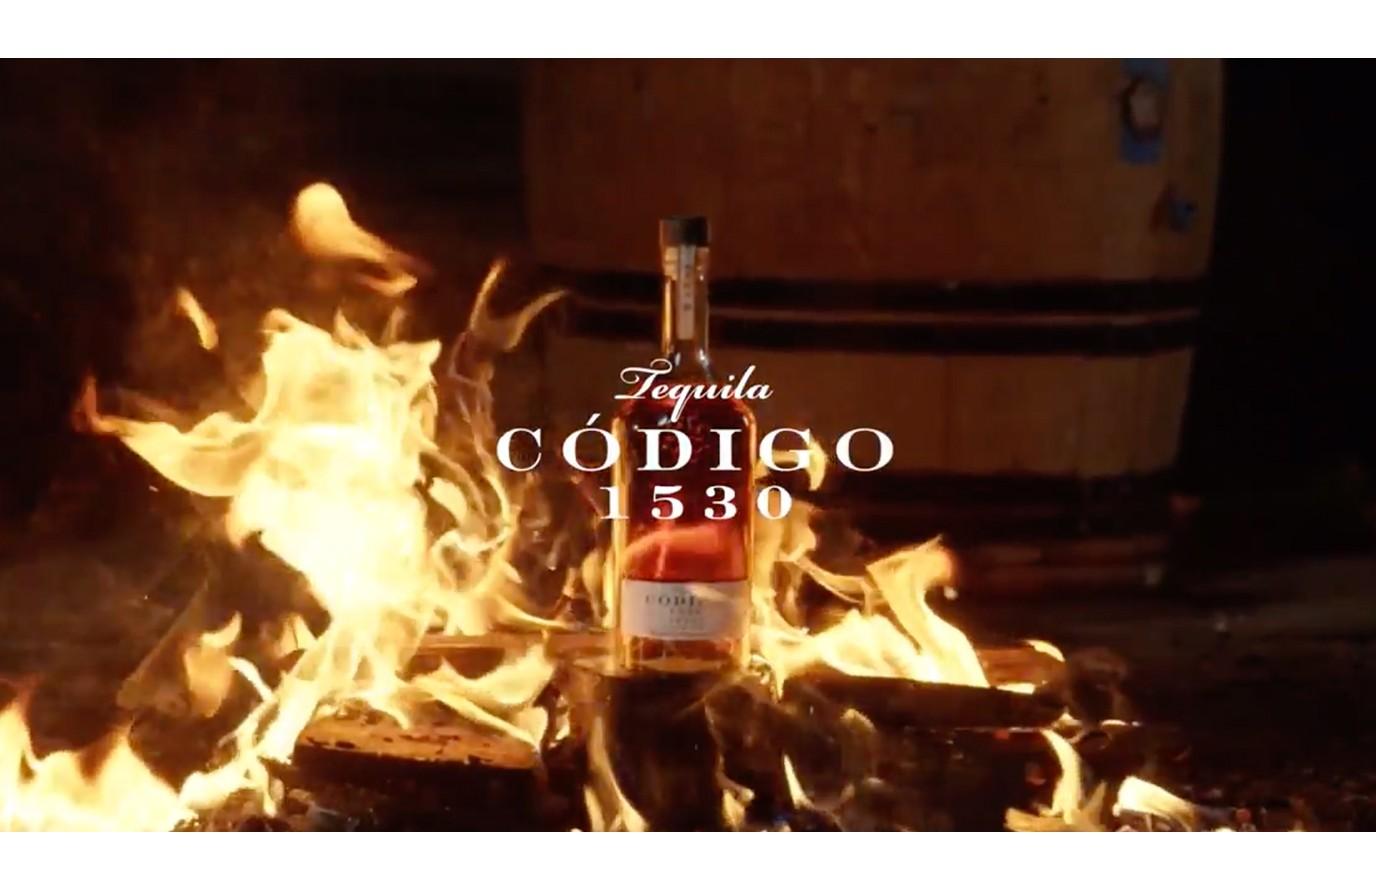 Código1530 Tequila